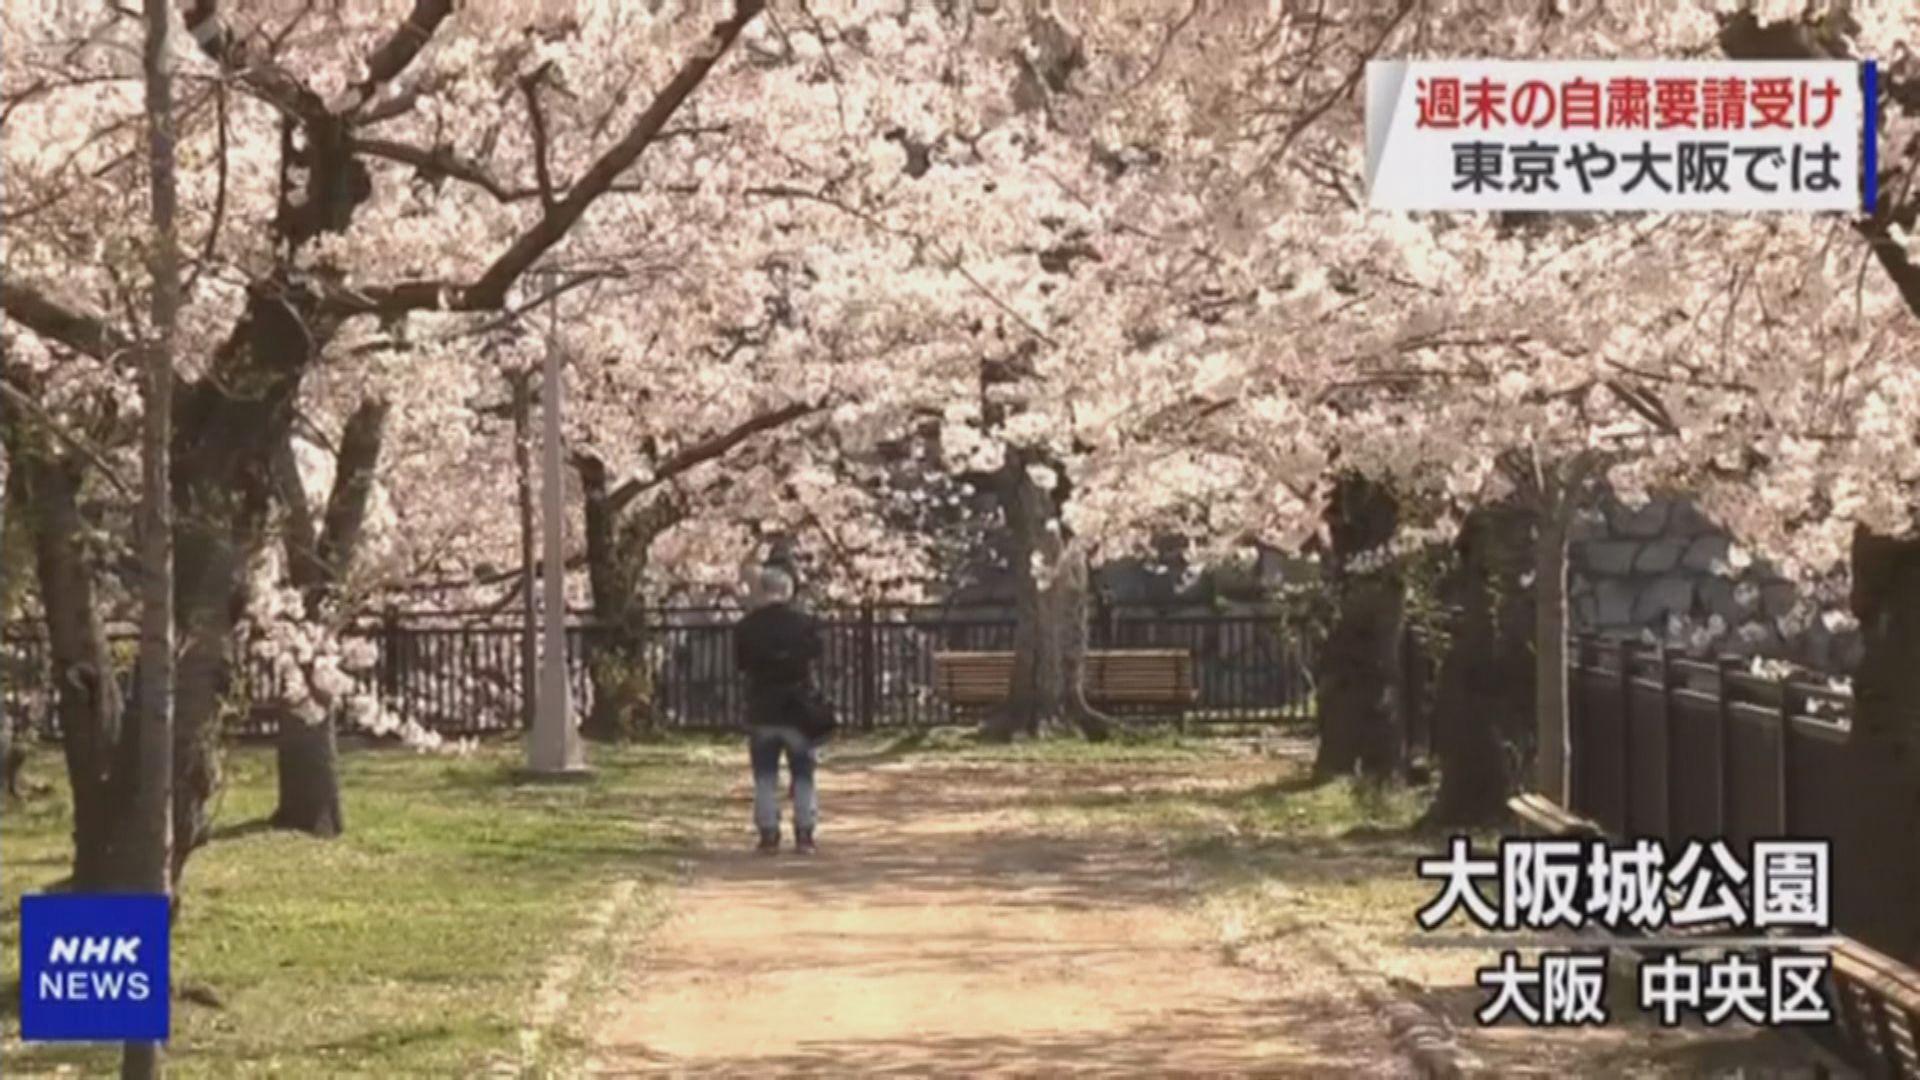 東京都新增確診再破百 疑與民眾賞櫻有關